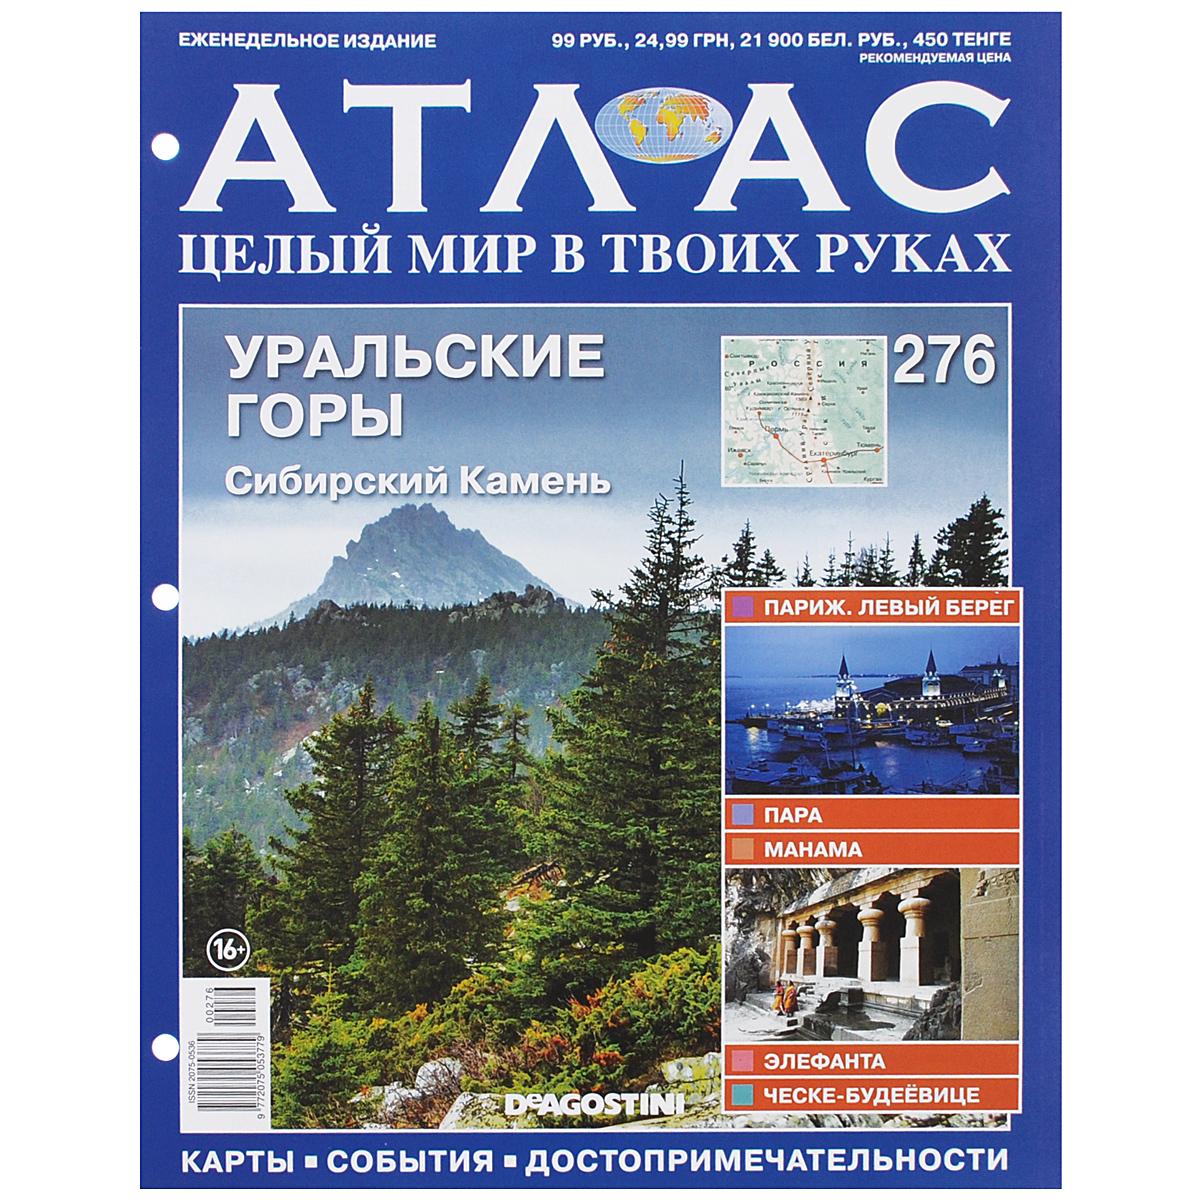 Журнал Атлас. Целый мир в твоих руках №276